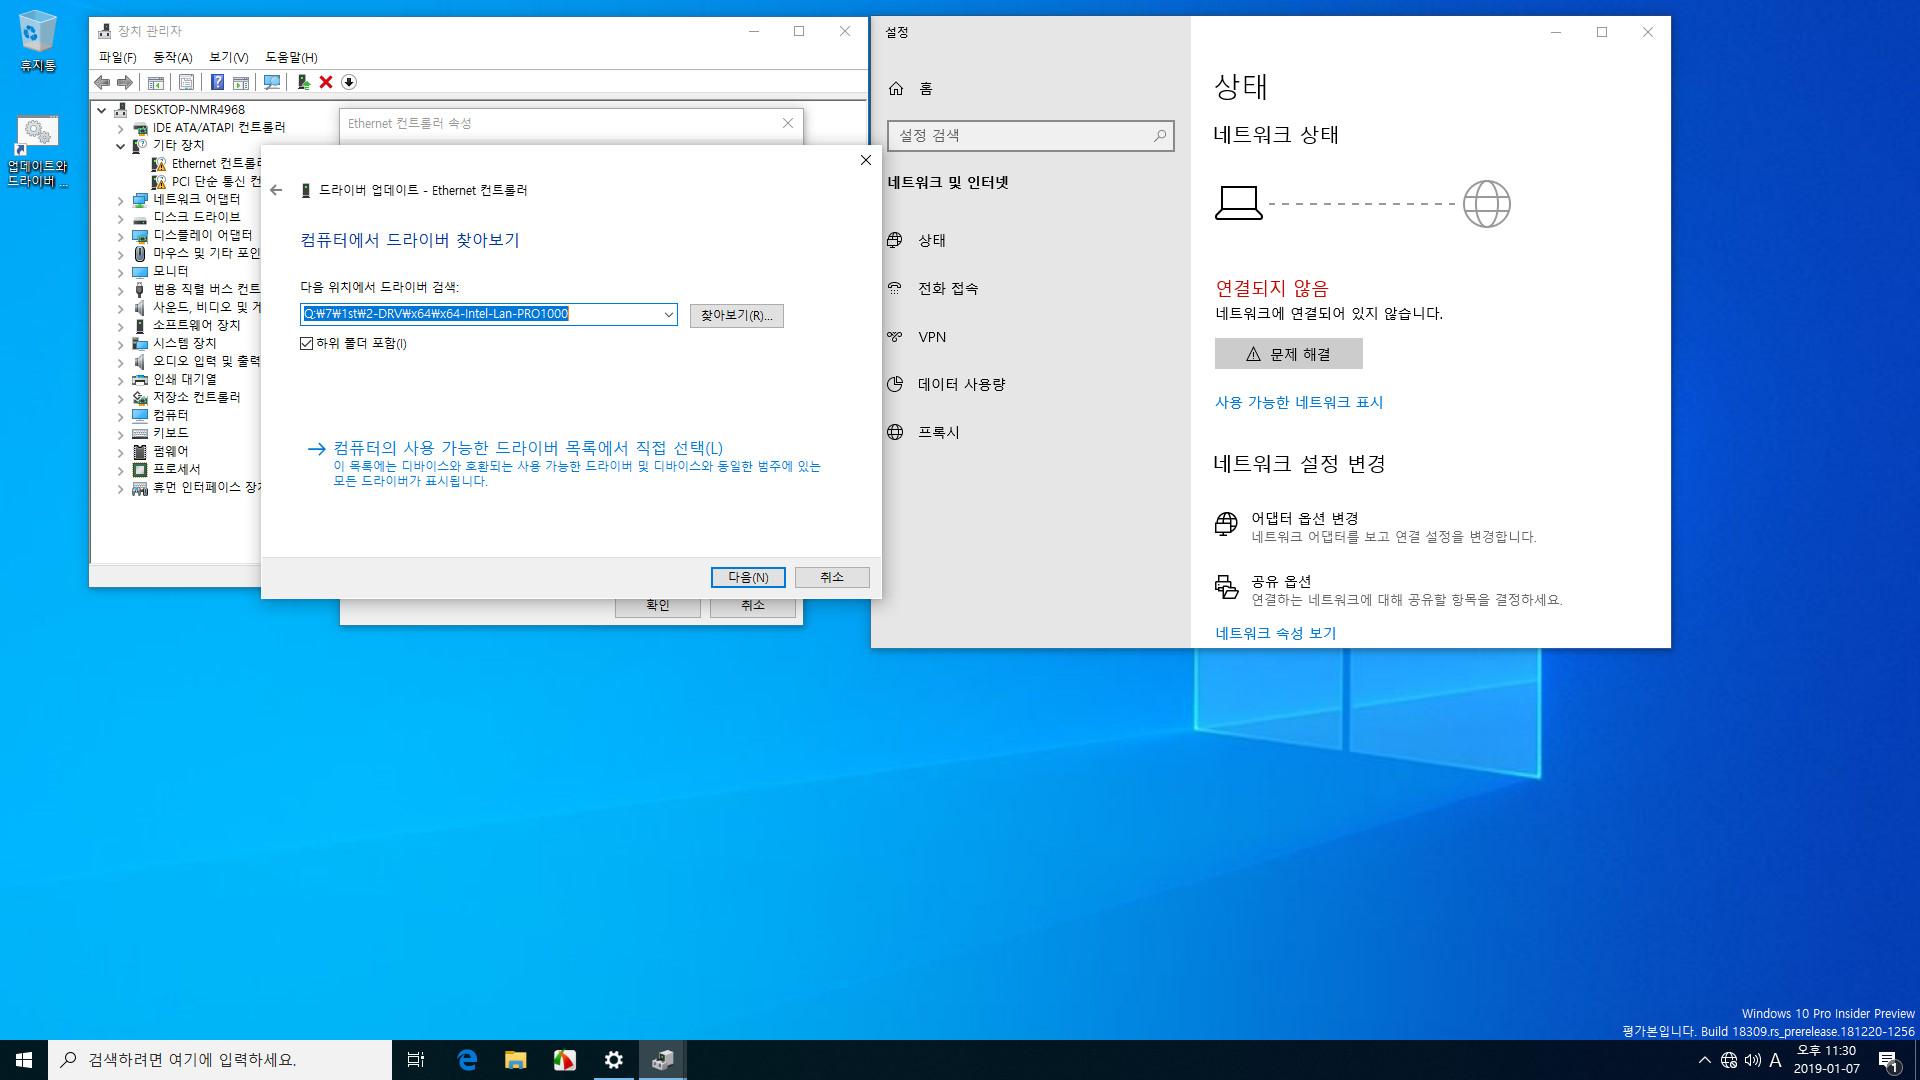 윈도10 19H1 인사이더 프리뷰 18309.1000 빌드 나왔네요 - 실컴에서 Windows Sandbox 테스트 - 어떤 드라이버가 충돌을 일으키는지 확인 테스트4 [윈도에 내장된 랜드라이버 제거] - 랜 드라이버 설치는 되고, 랜 드라이버 설치 후에 Sandbox 실행도 됨 2019-01-07_233035.jpg